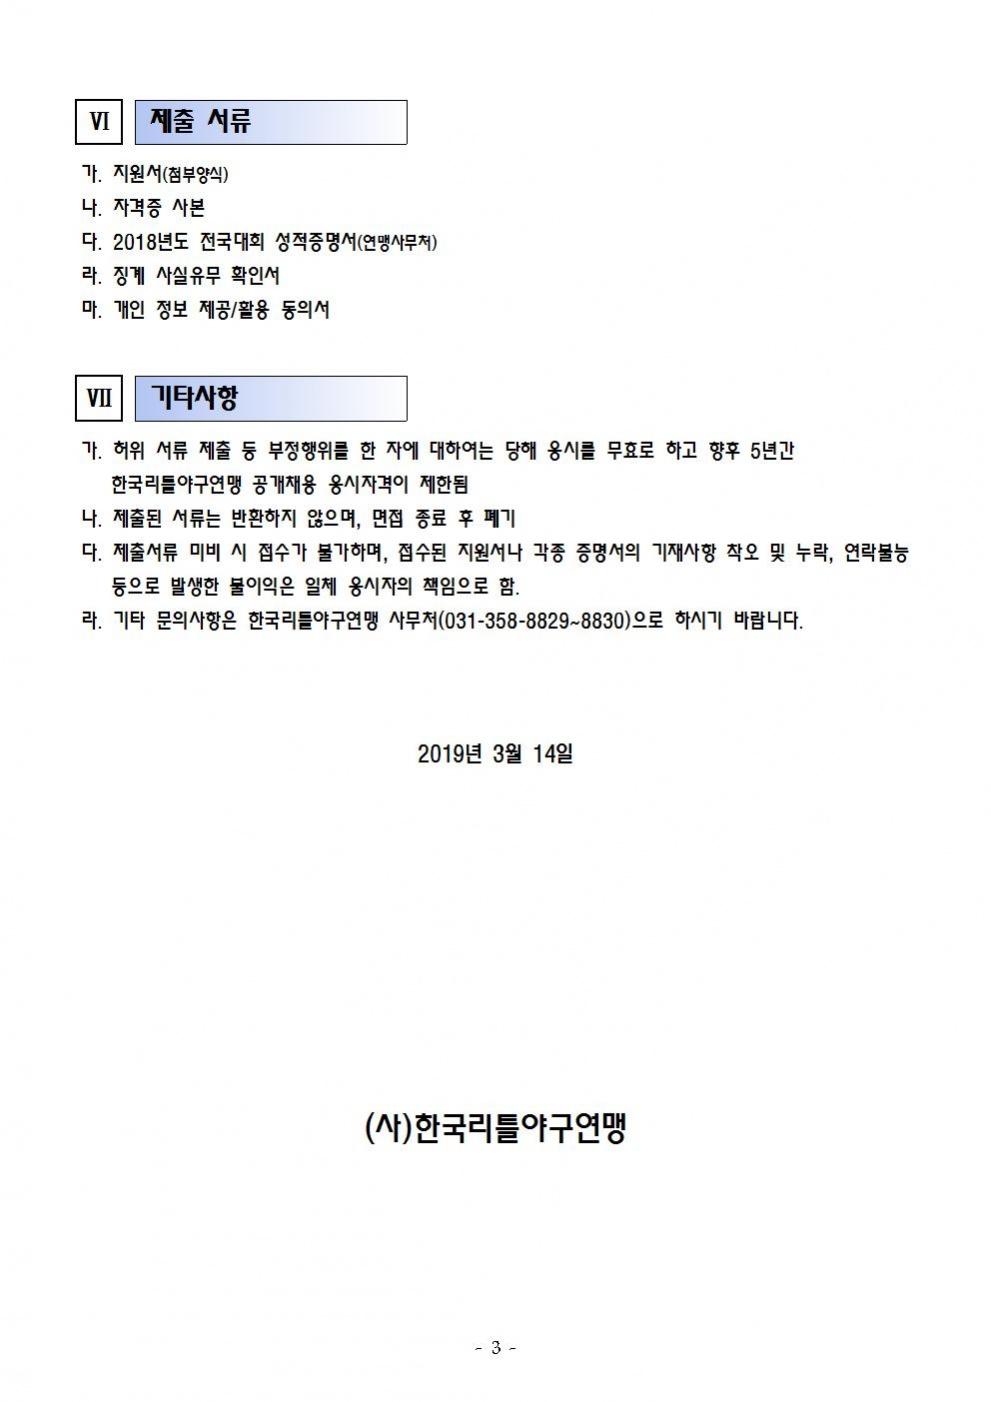 리틀야구 국가대표 지도자 응모 공고003.jpg